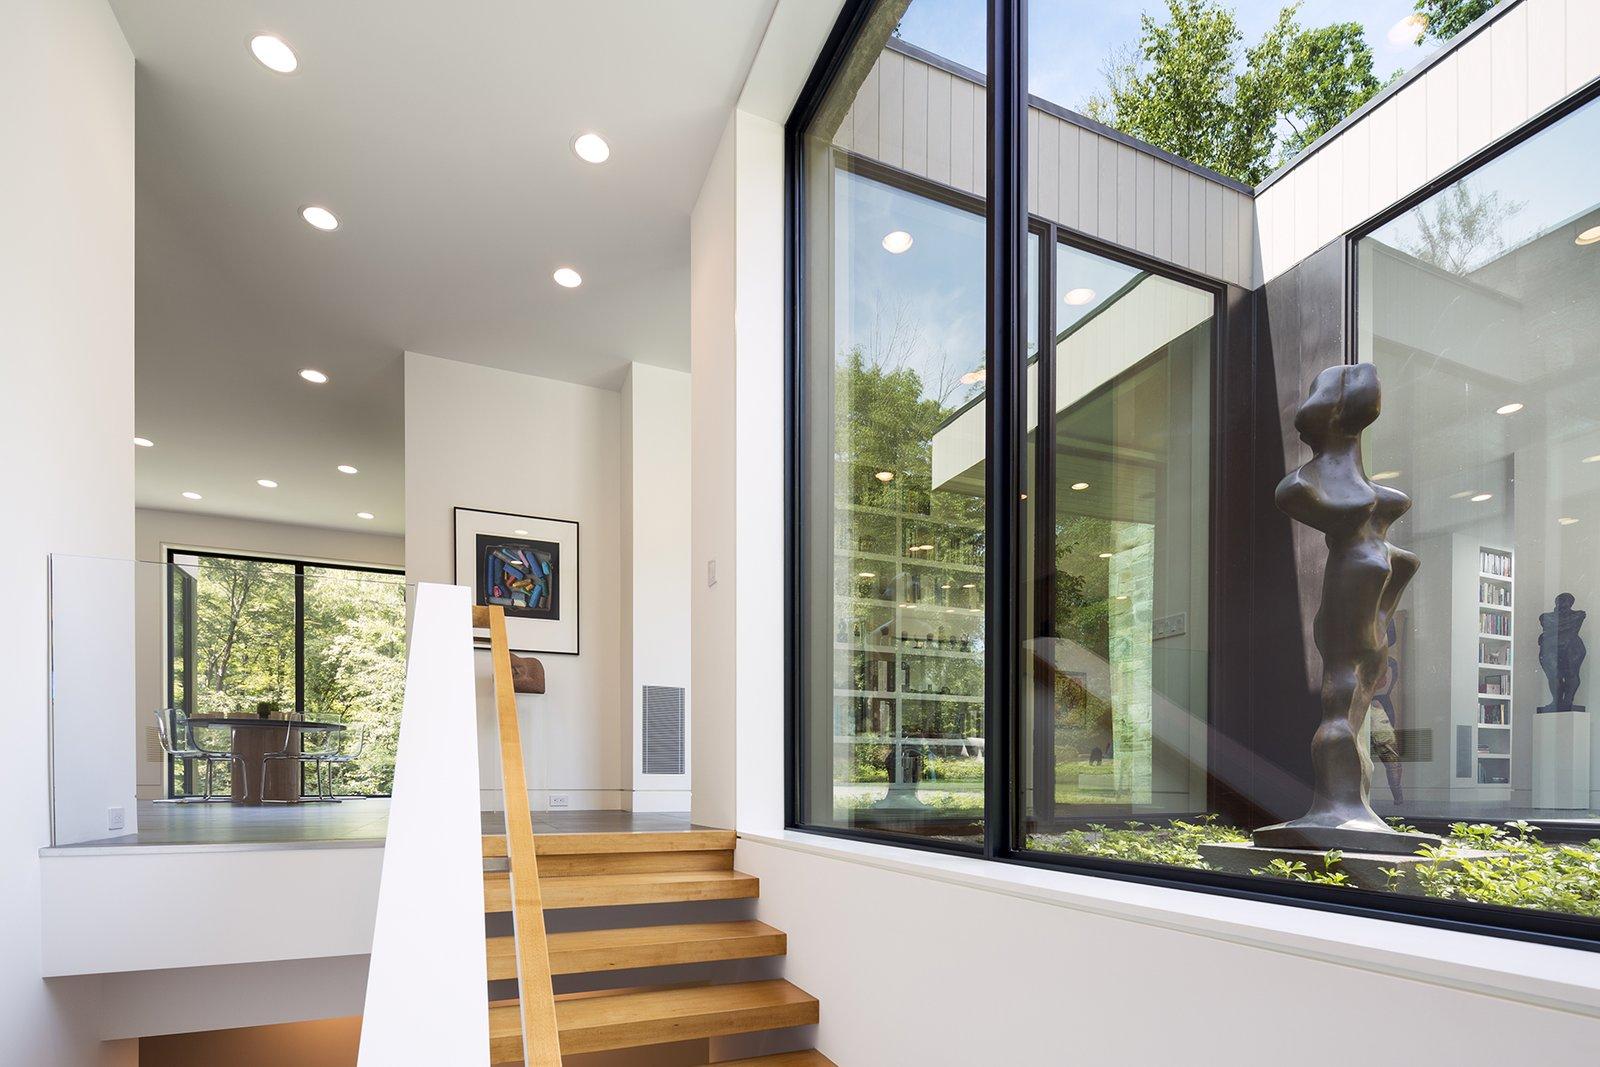 Art House 2.0 Interior: Stairway, Sculpture Garden  Art House 2.0 by Carol Kurth Architecture